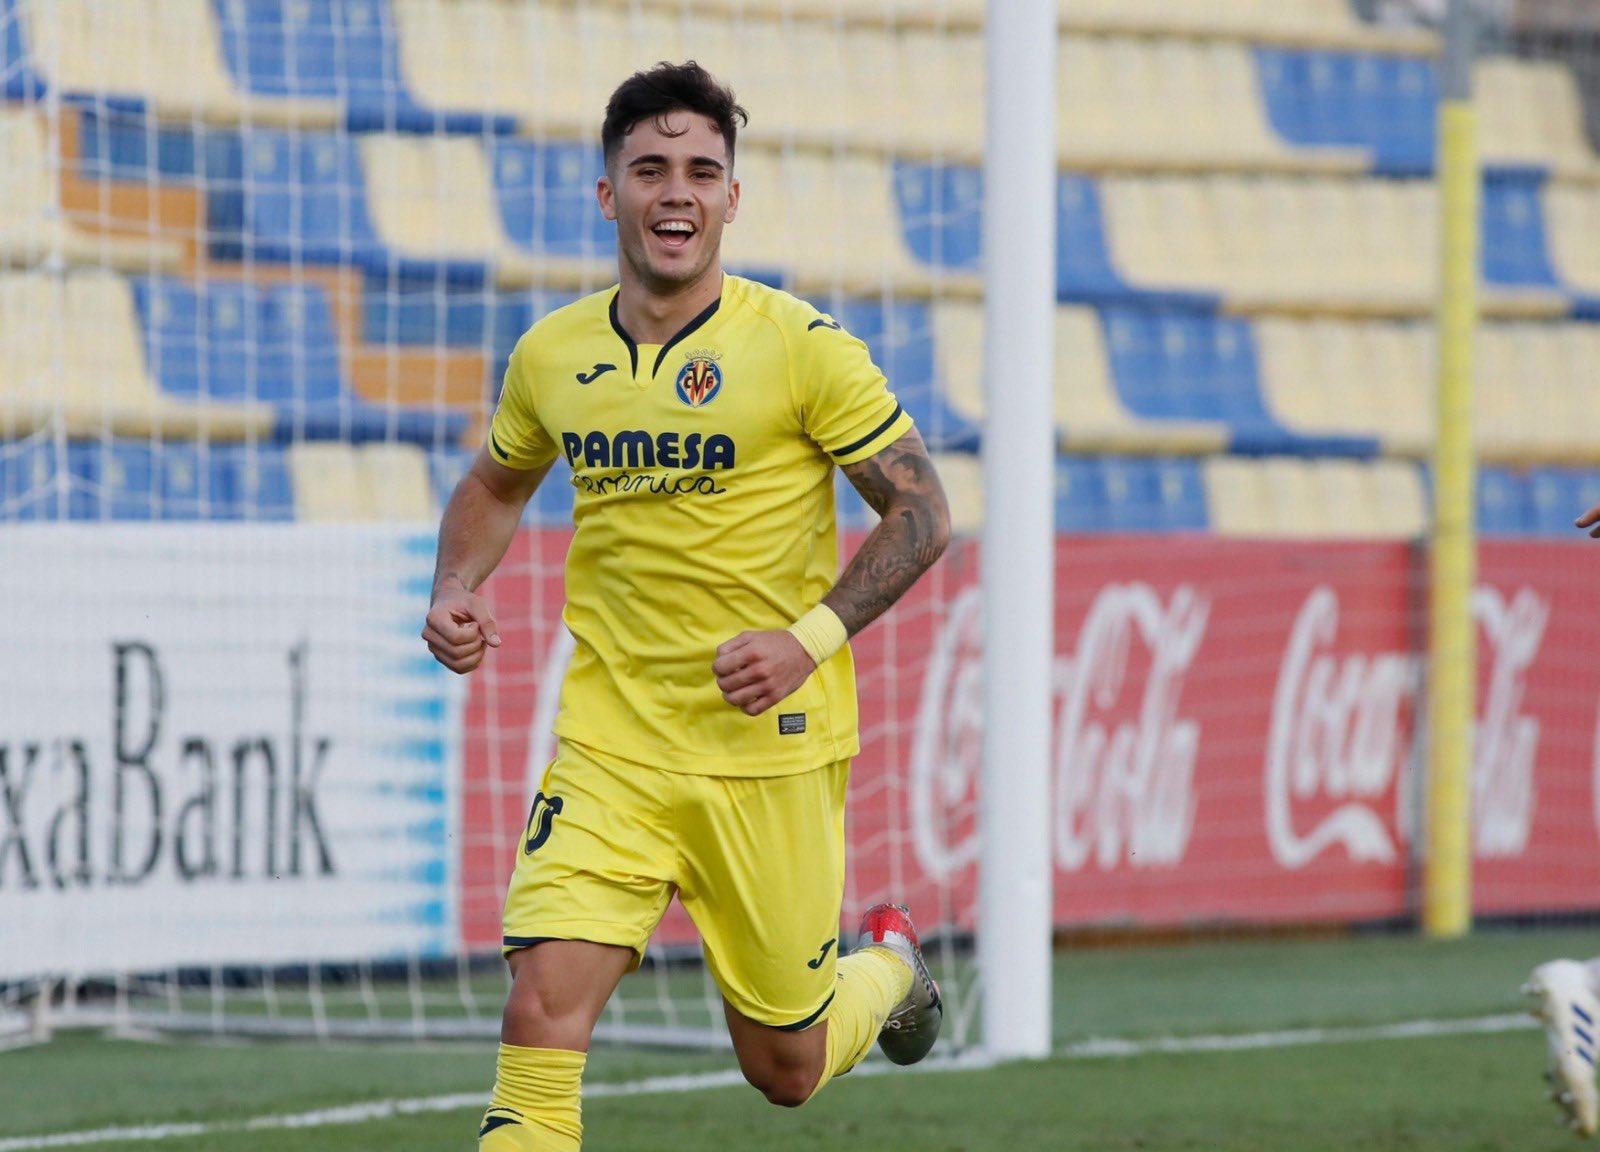 Simón Moreno